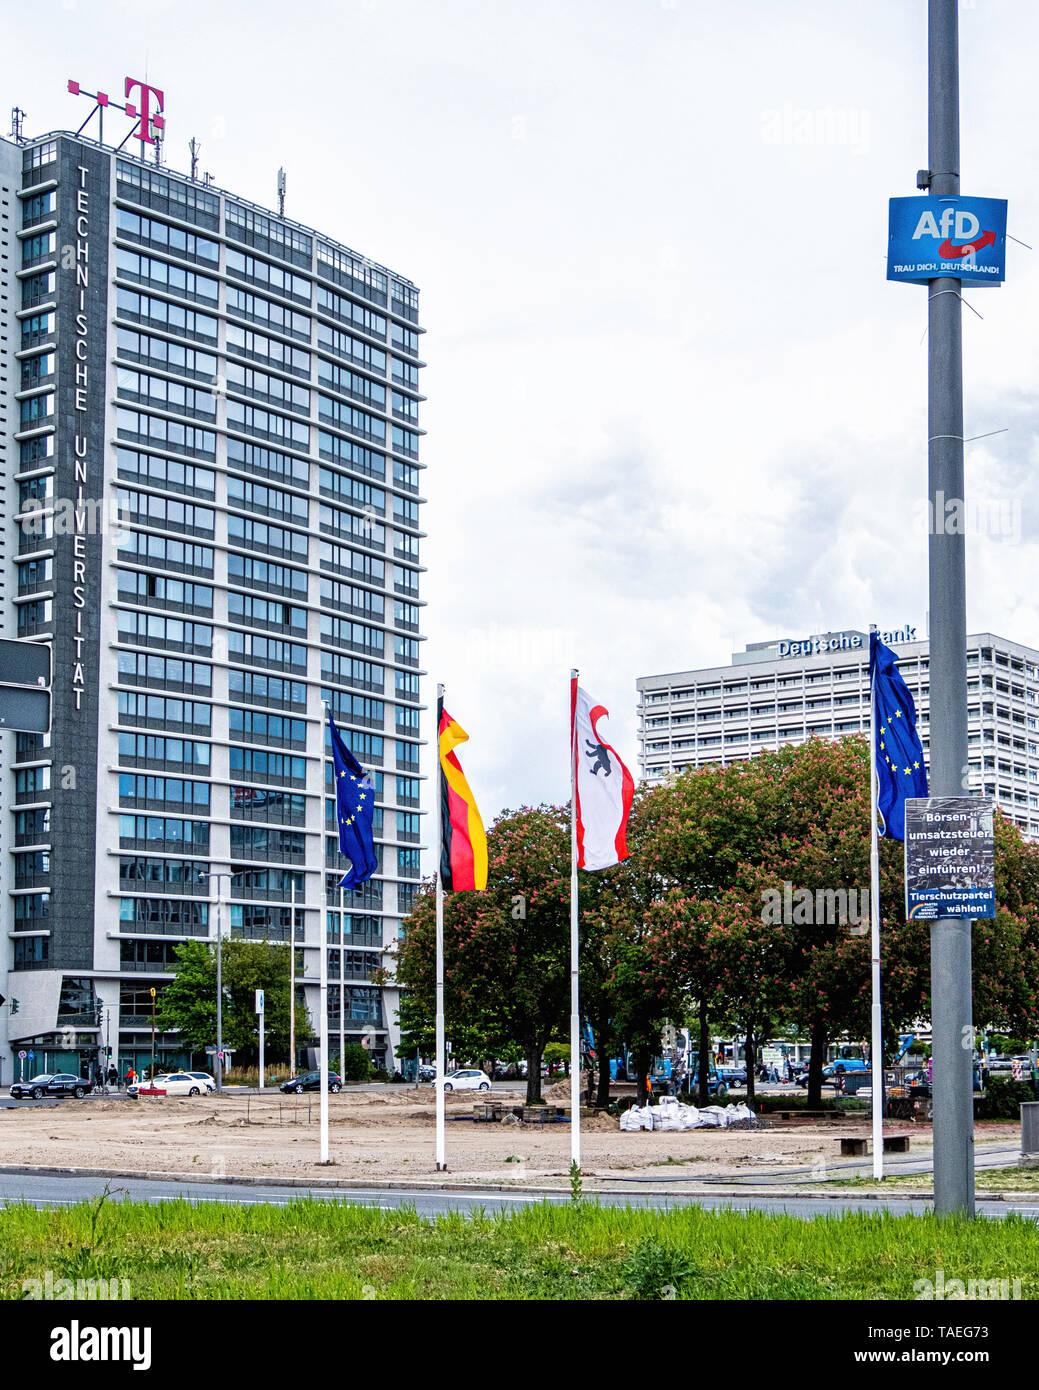 Ernst-Reuter-Platz.Charlottenburg, BerlinThe square is named after Ernst Reuter, mayor of West Berlin from 1948-1953 - Stock Image